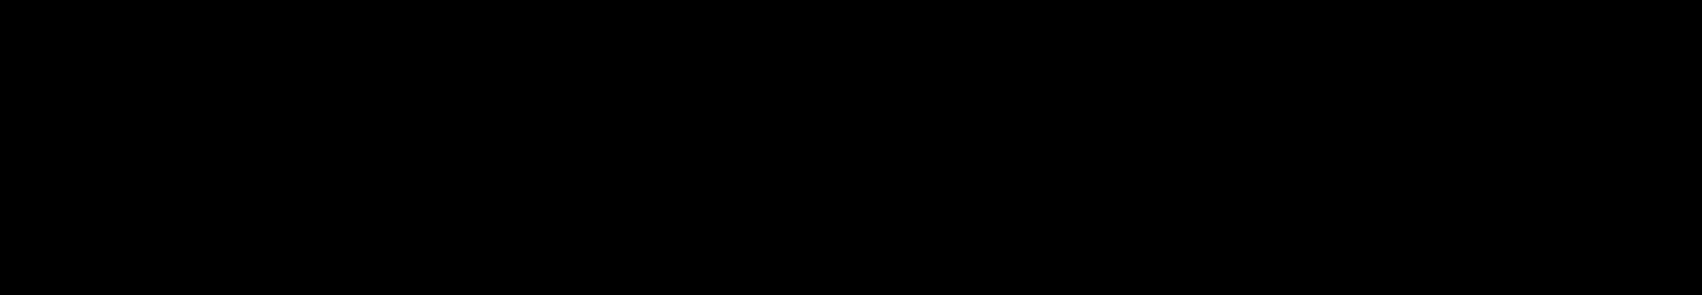 SPESIALVISNING   : Fredag 22. mars kl. 14.15, I Auditorium A, Sydneshaugen skole, UiB, GRATIS  Med samtale i samarbeid med Institutt for fremmedspråk og Institutt for sammenliknende politikk ved Universitetet i Bergen.